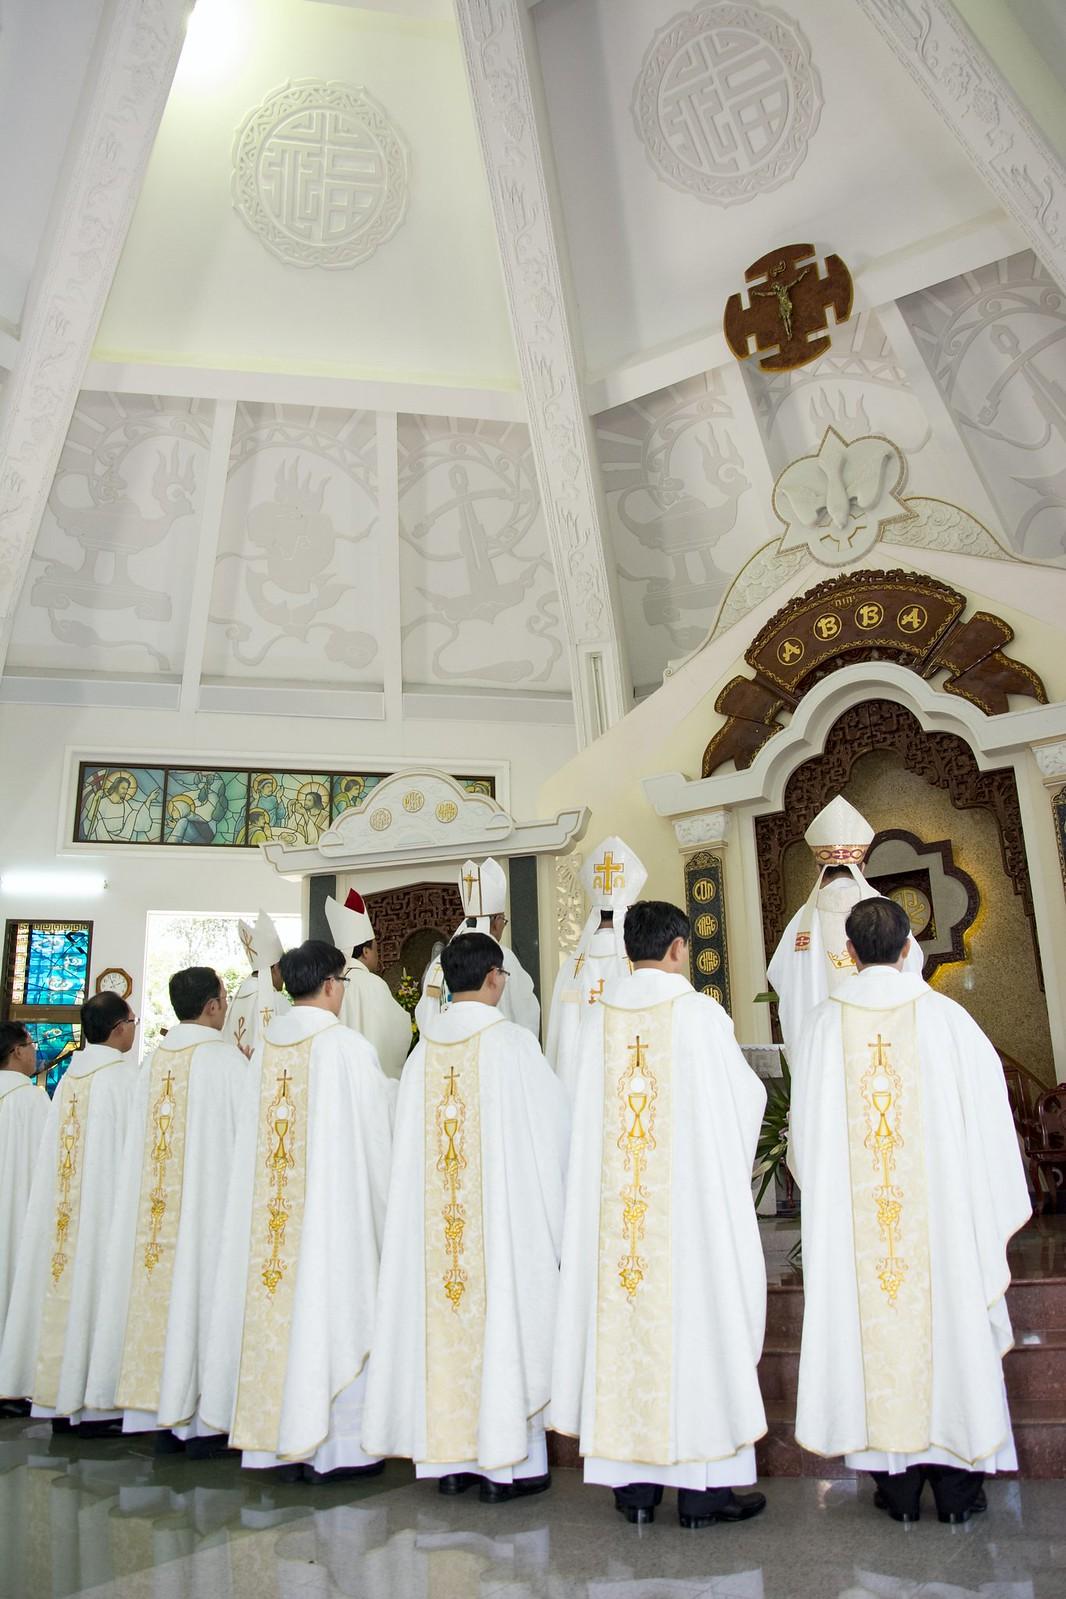 Đan Viện Thánh Mẫu Phước Sơn : Thánh Lễ Truyền Chức Linh Mục - Ảnh minh hoạ 21